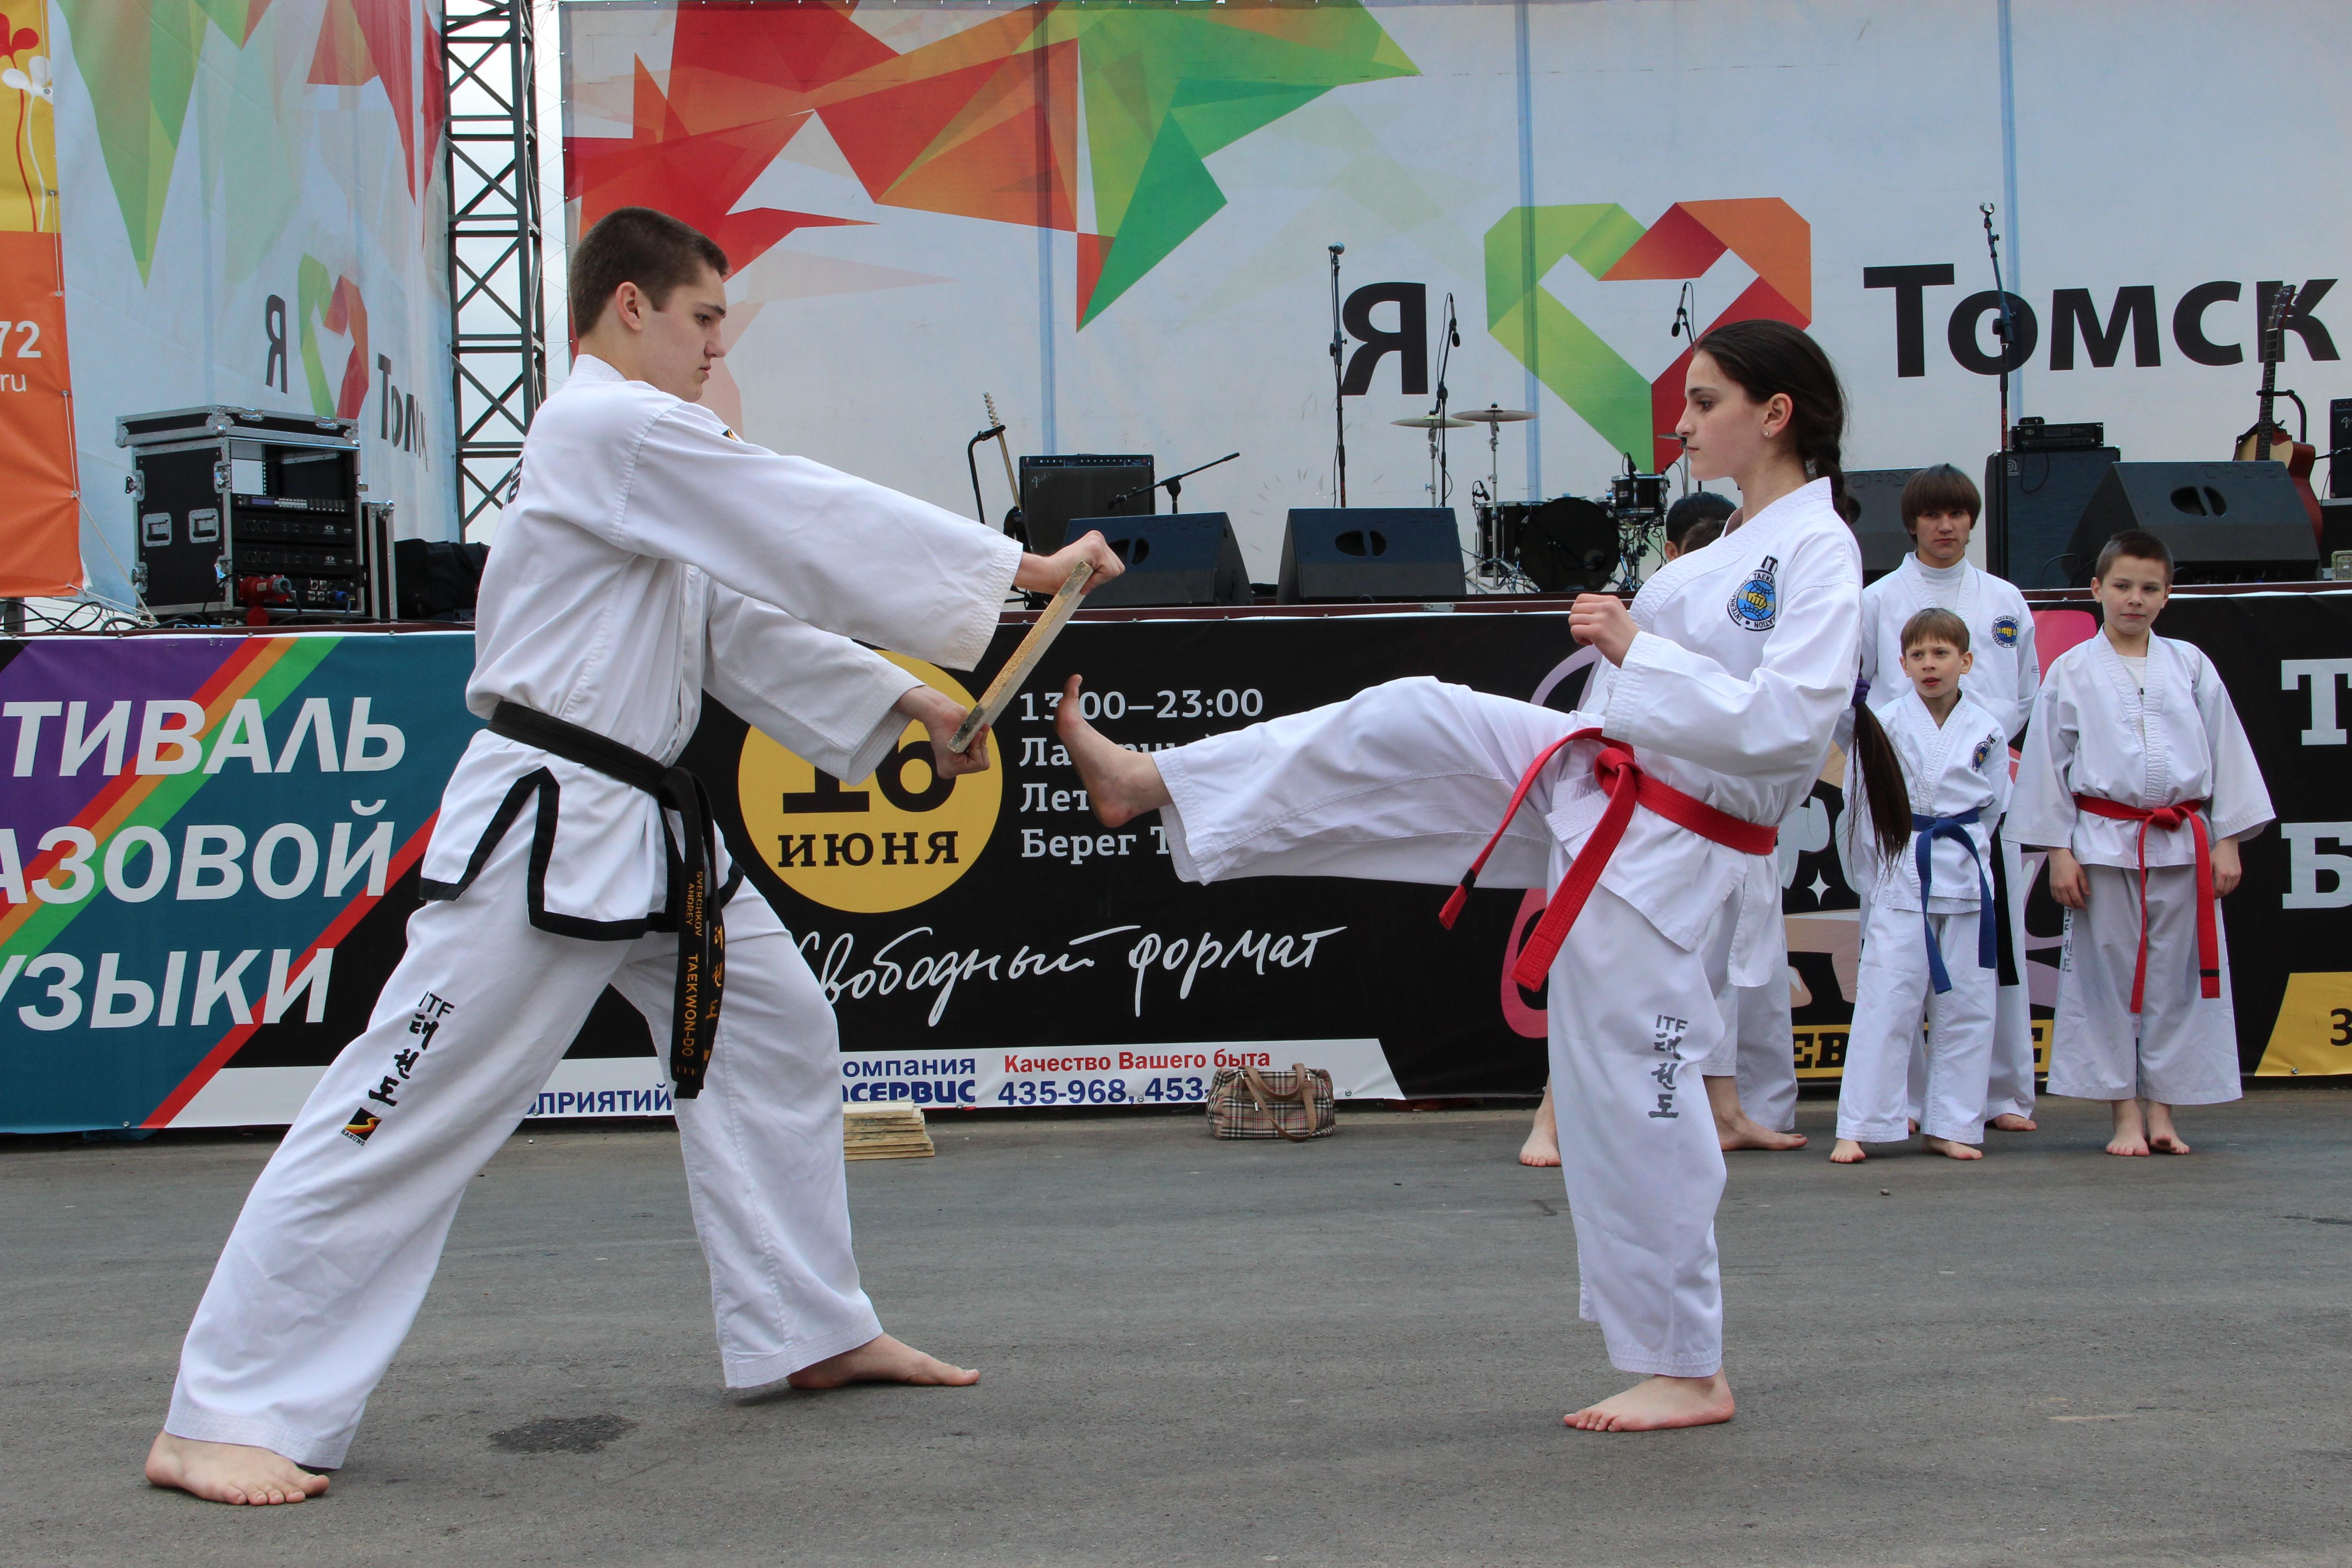 Чемпионат боевых искусств